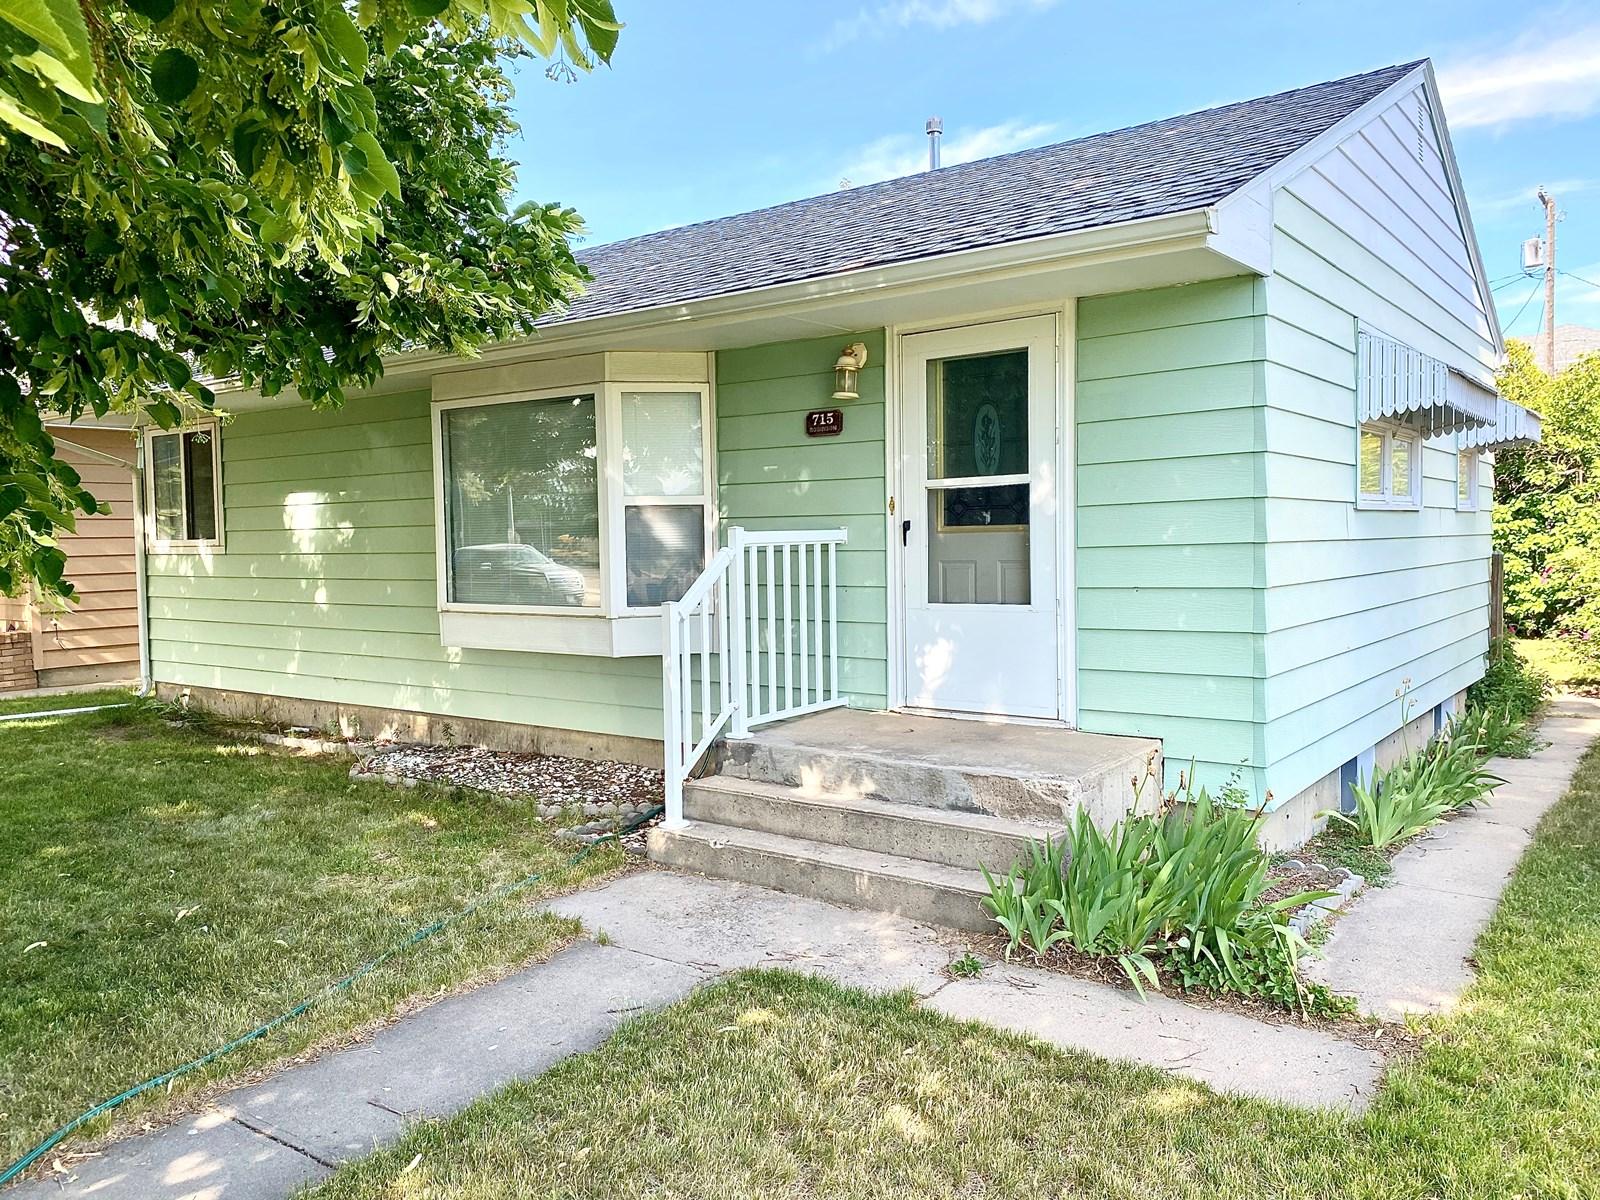 Starter Home For Sale, 2 Bedroom, 1 Bath